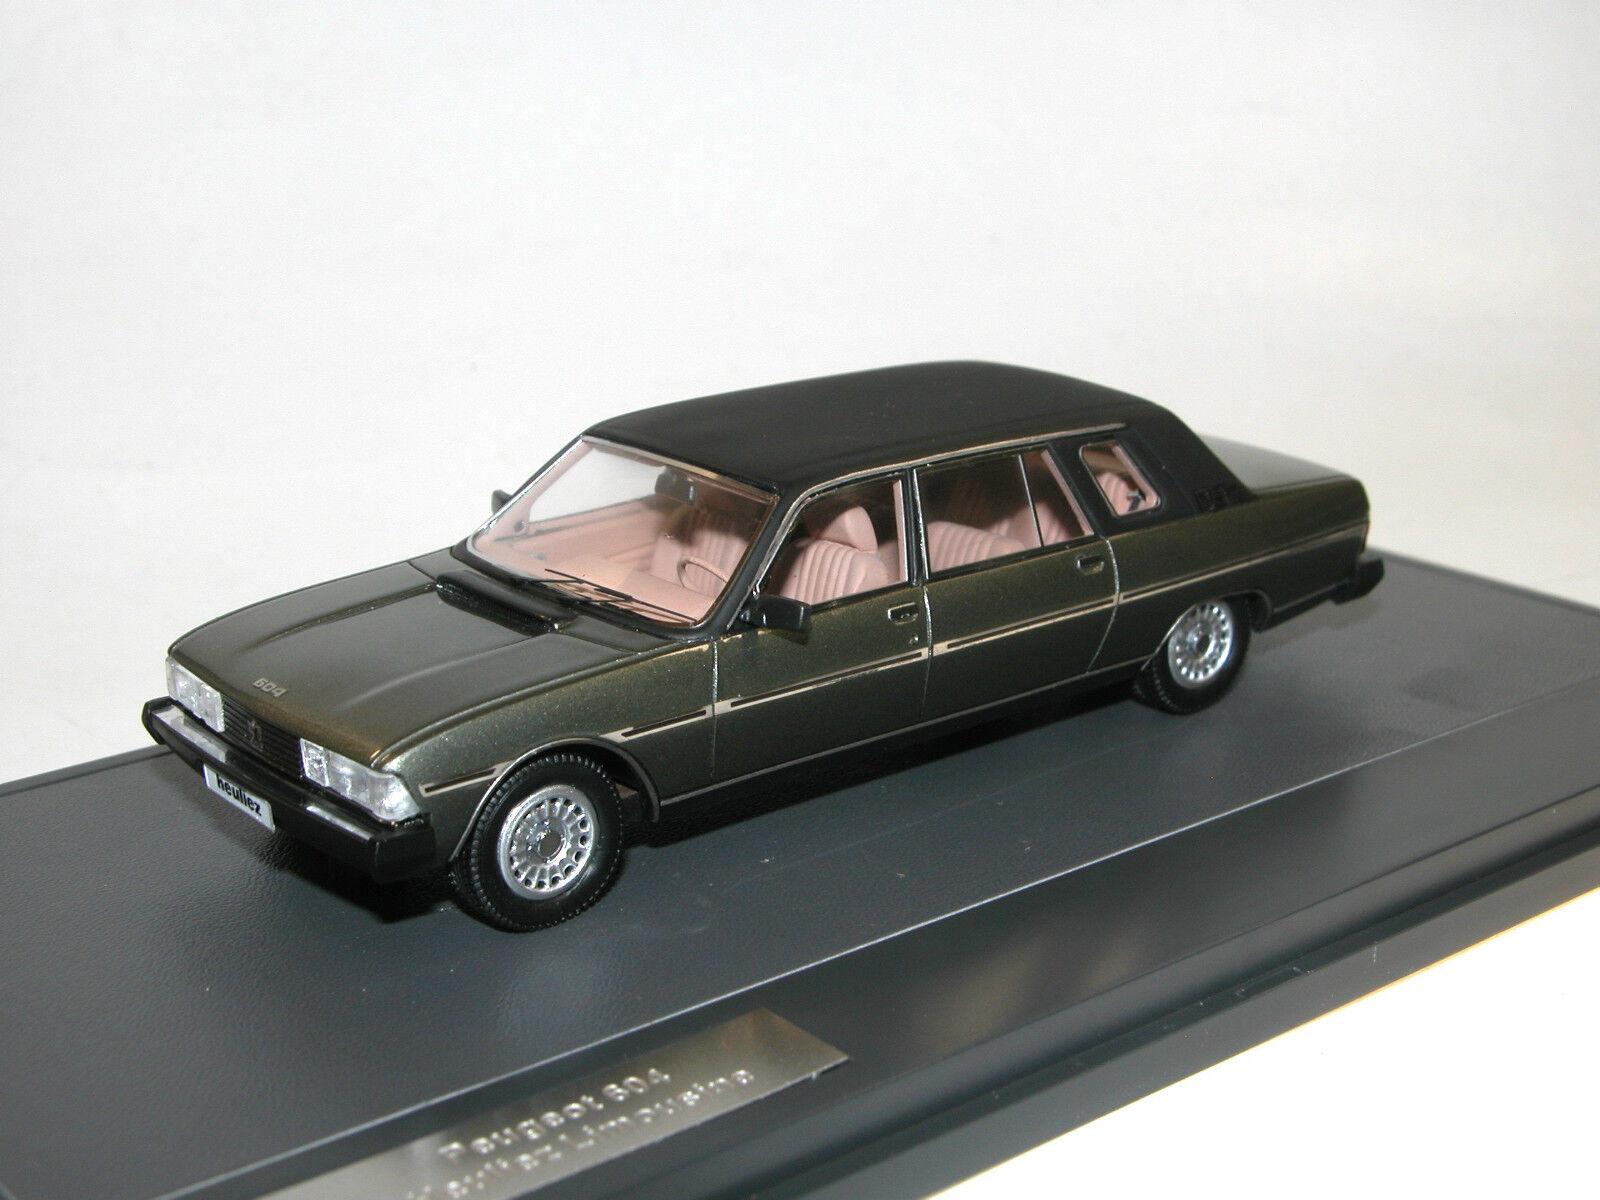 MATRIX SCALE MODELS 1980 PEUGEOT 604 heulie Limousine vert Limited 1 43